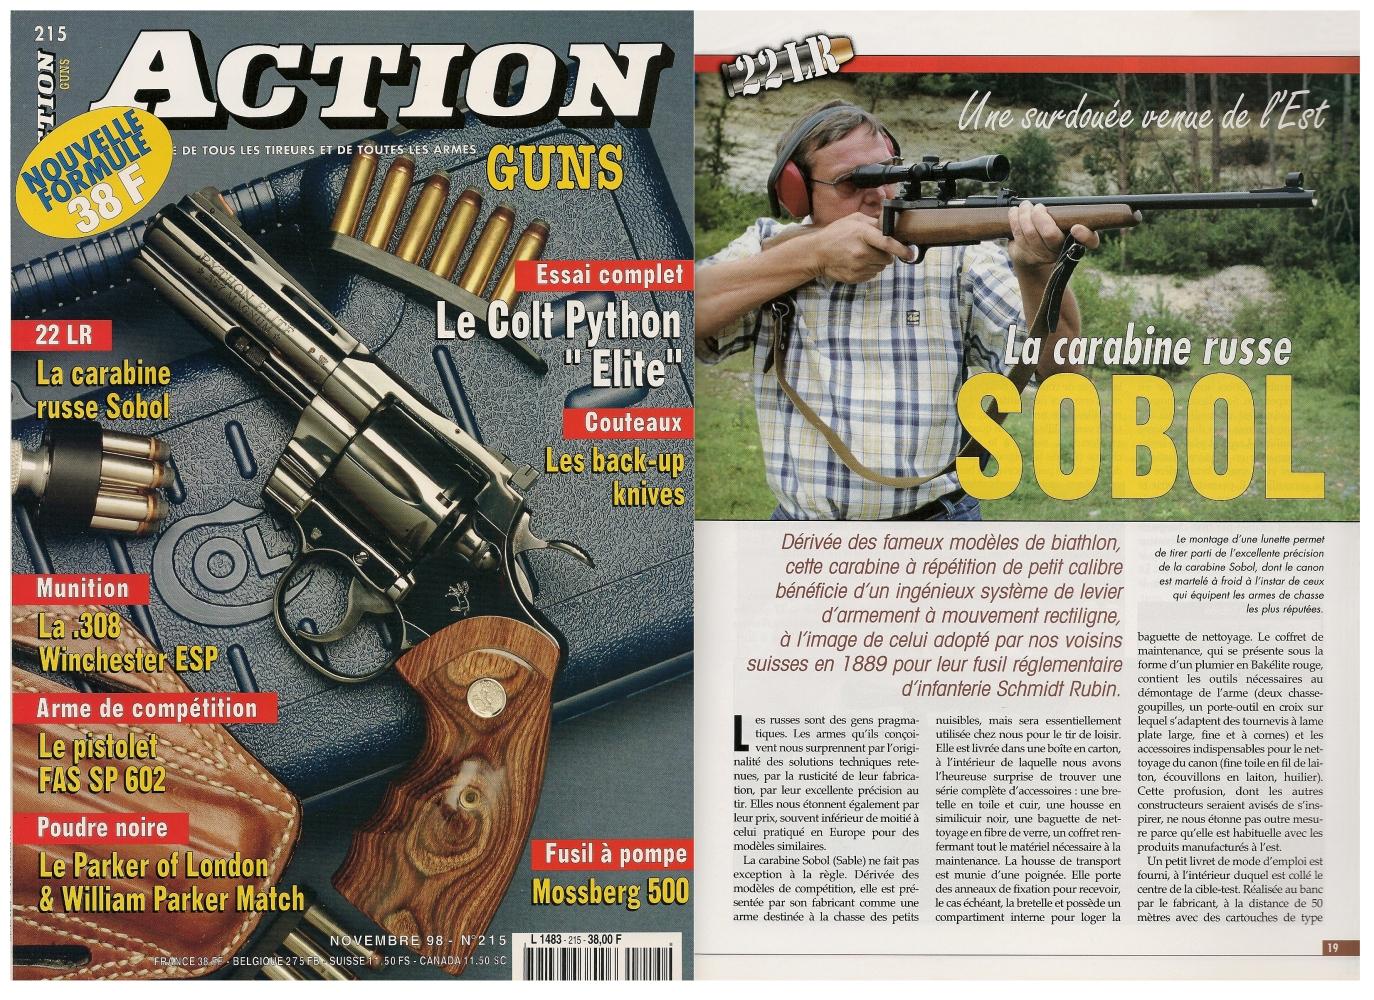 Le banc d'essai de la carabine Izhmash « Sobol » a été publié sur 5 pages dans le magazine Action Guns n°215 (novembre 1998).